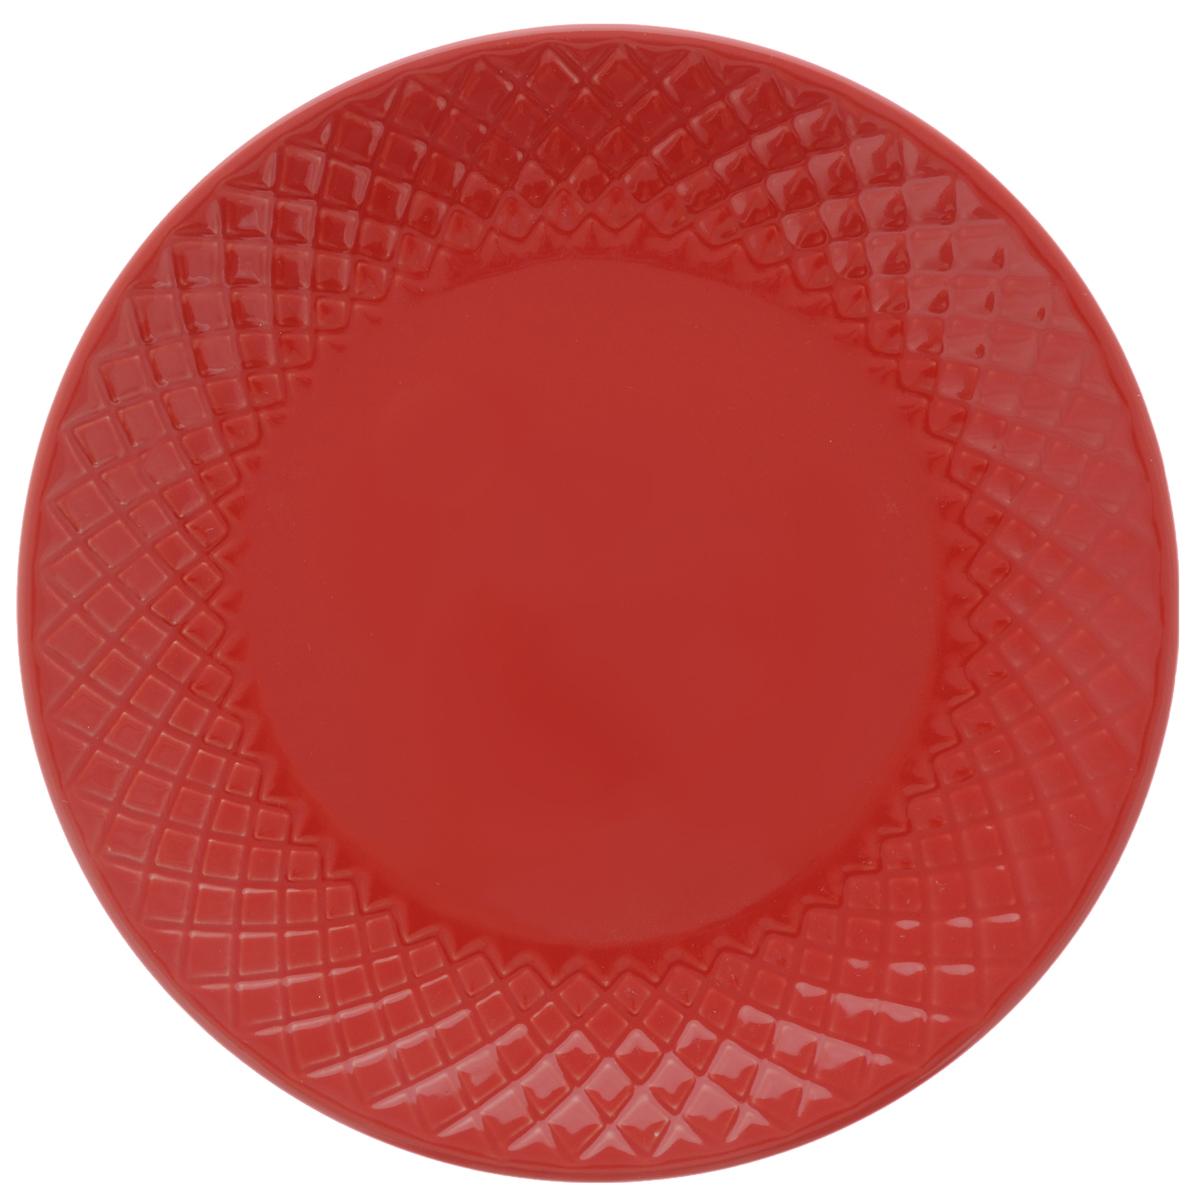 Тарелка обеденная Walmer Amber, цвет: красный, диаметр 20 смW06131020Обеденная тарелка Walmer Amber, изготовленная из высококачественной керамики, имеет изысканный внешний вид. Яркий дизайн придется по вкусу и ценителям классики, и тем, кто предпочитает утонченность. Тарелка Walmer Amber идеально подойдет для сервировки стола и станет отличным подарком к любому празднику.Диаметр (по верхнему краю): 20 см